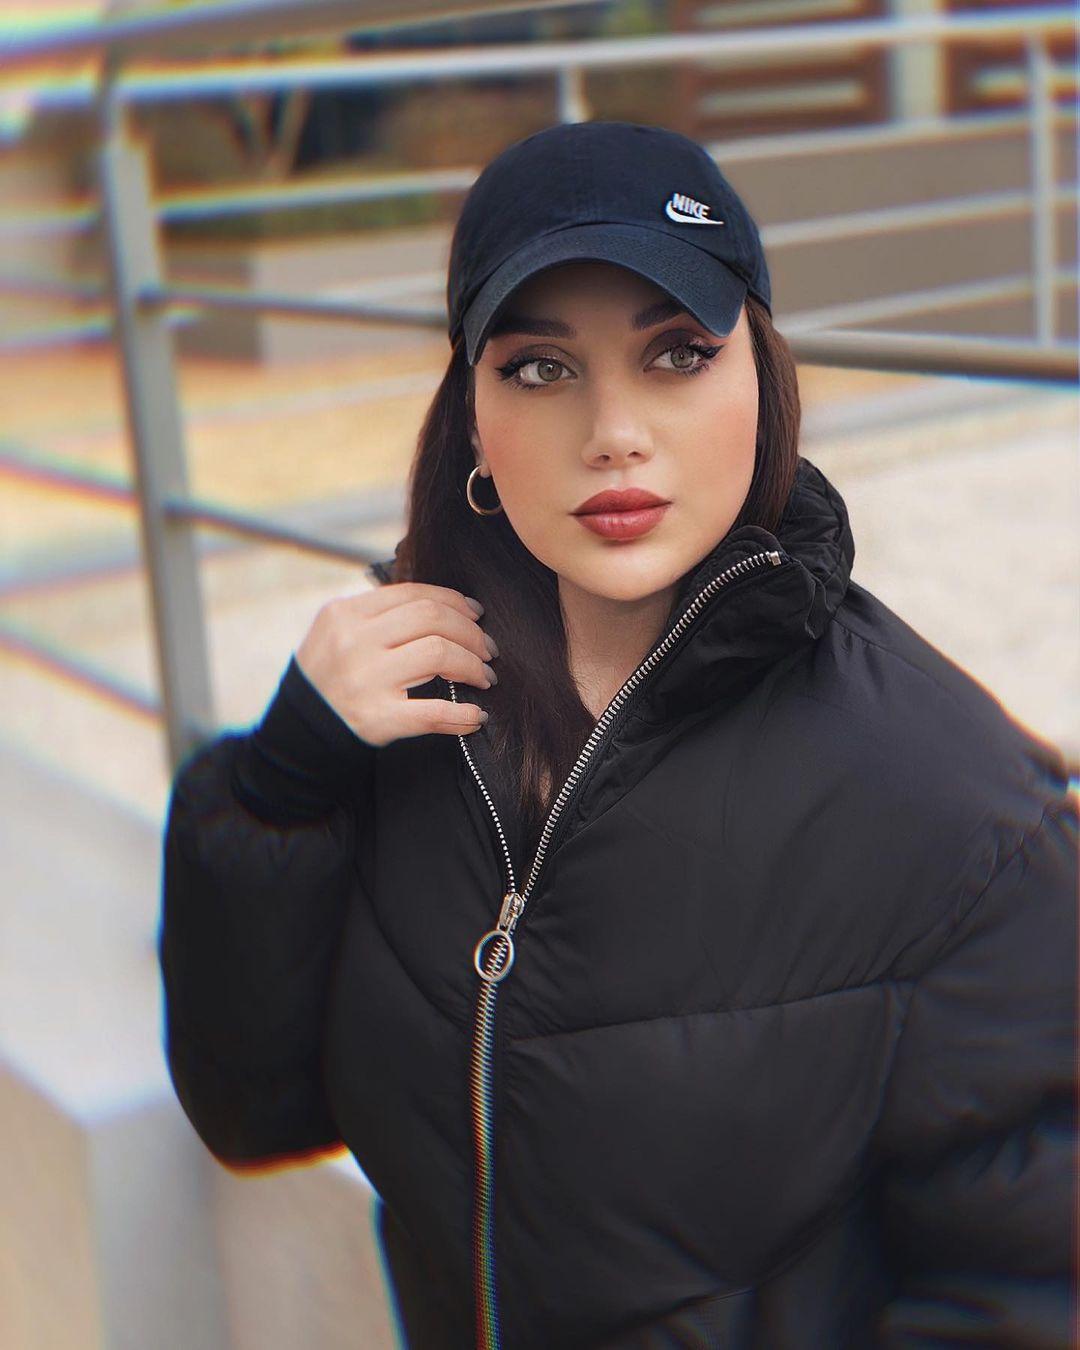 مكياج ناعم مع الشعر المستقيم والقبعة الرياضية (الصورة من إنستقرام)